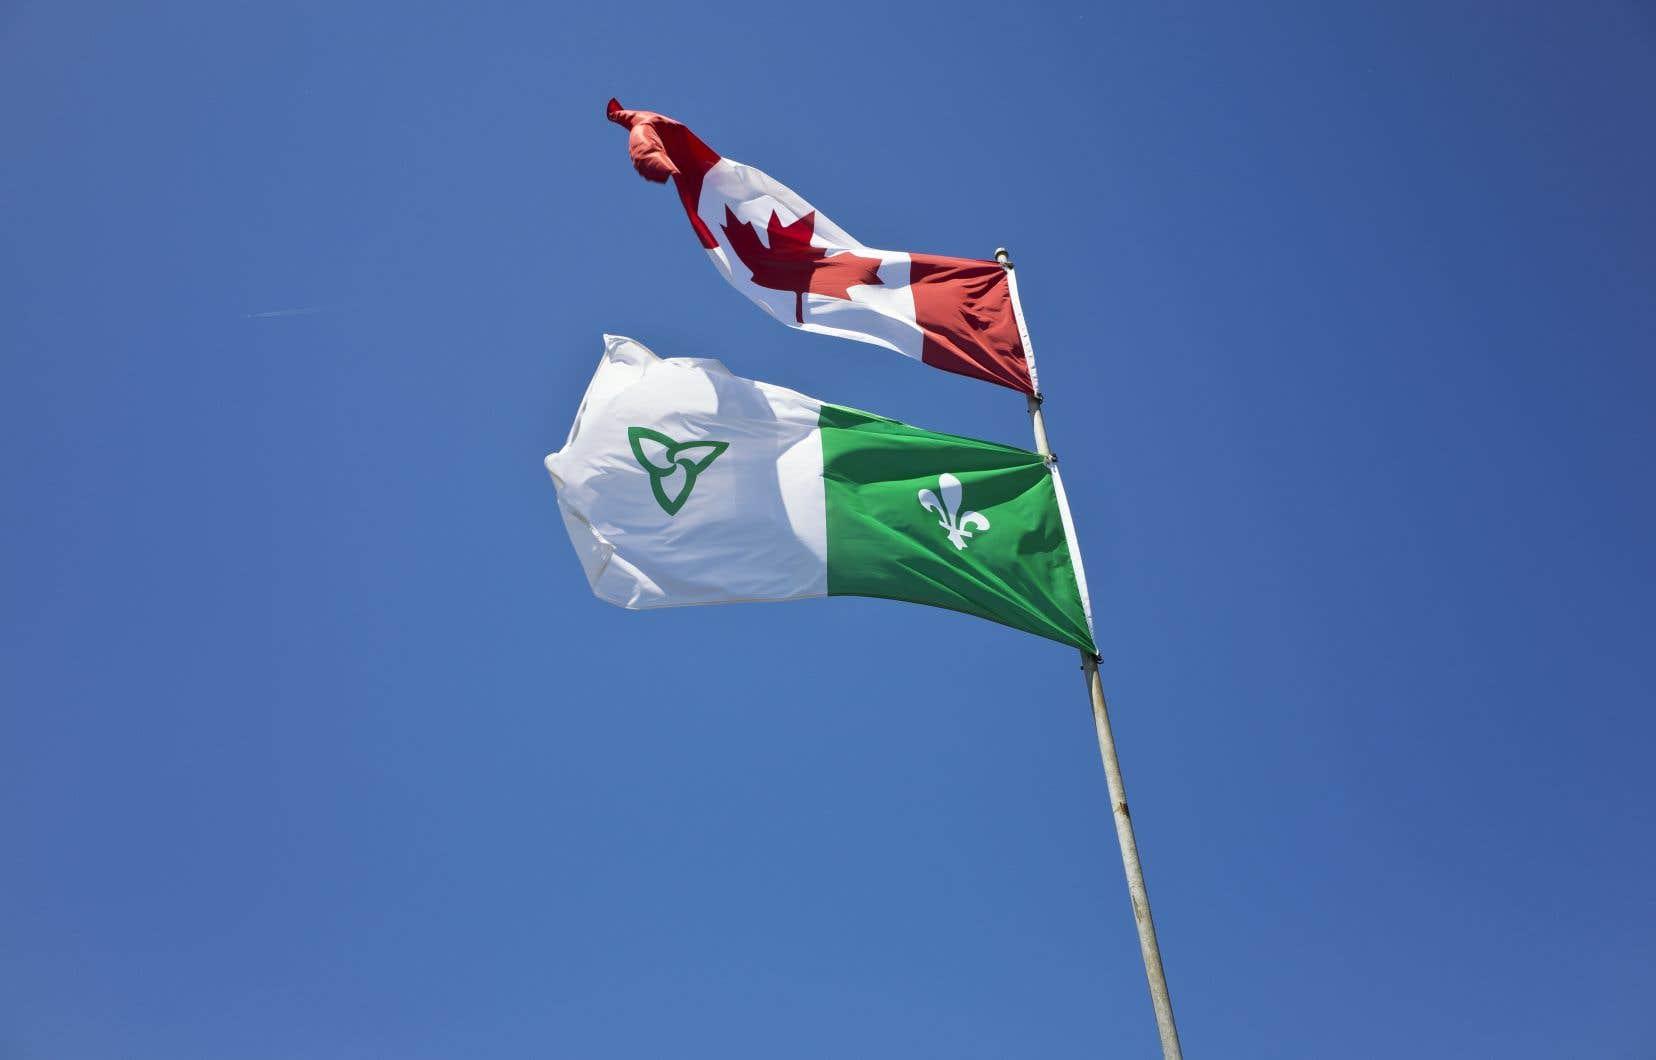 La proportion des francophones en Ontario était de 4,8% en 2011 et de 4,7% en 2016.